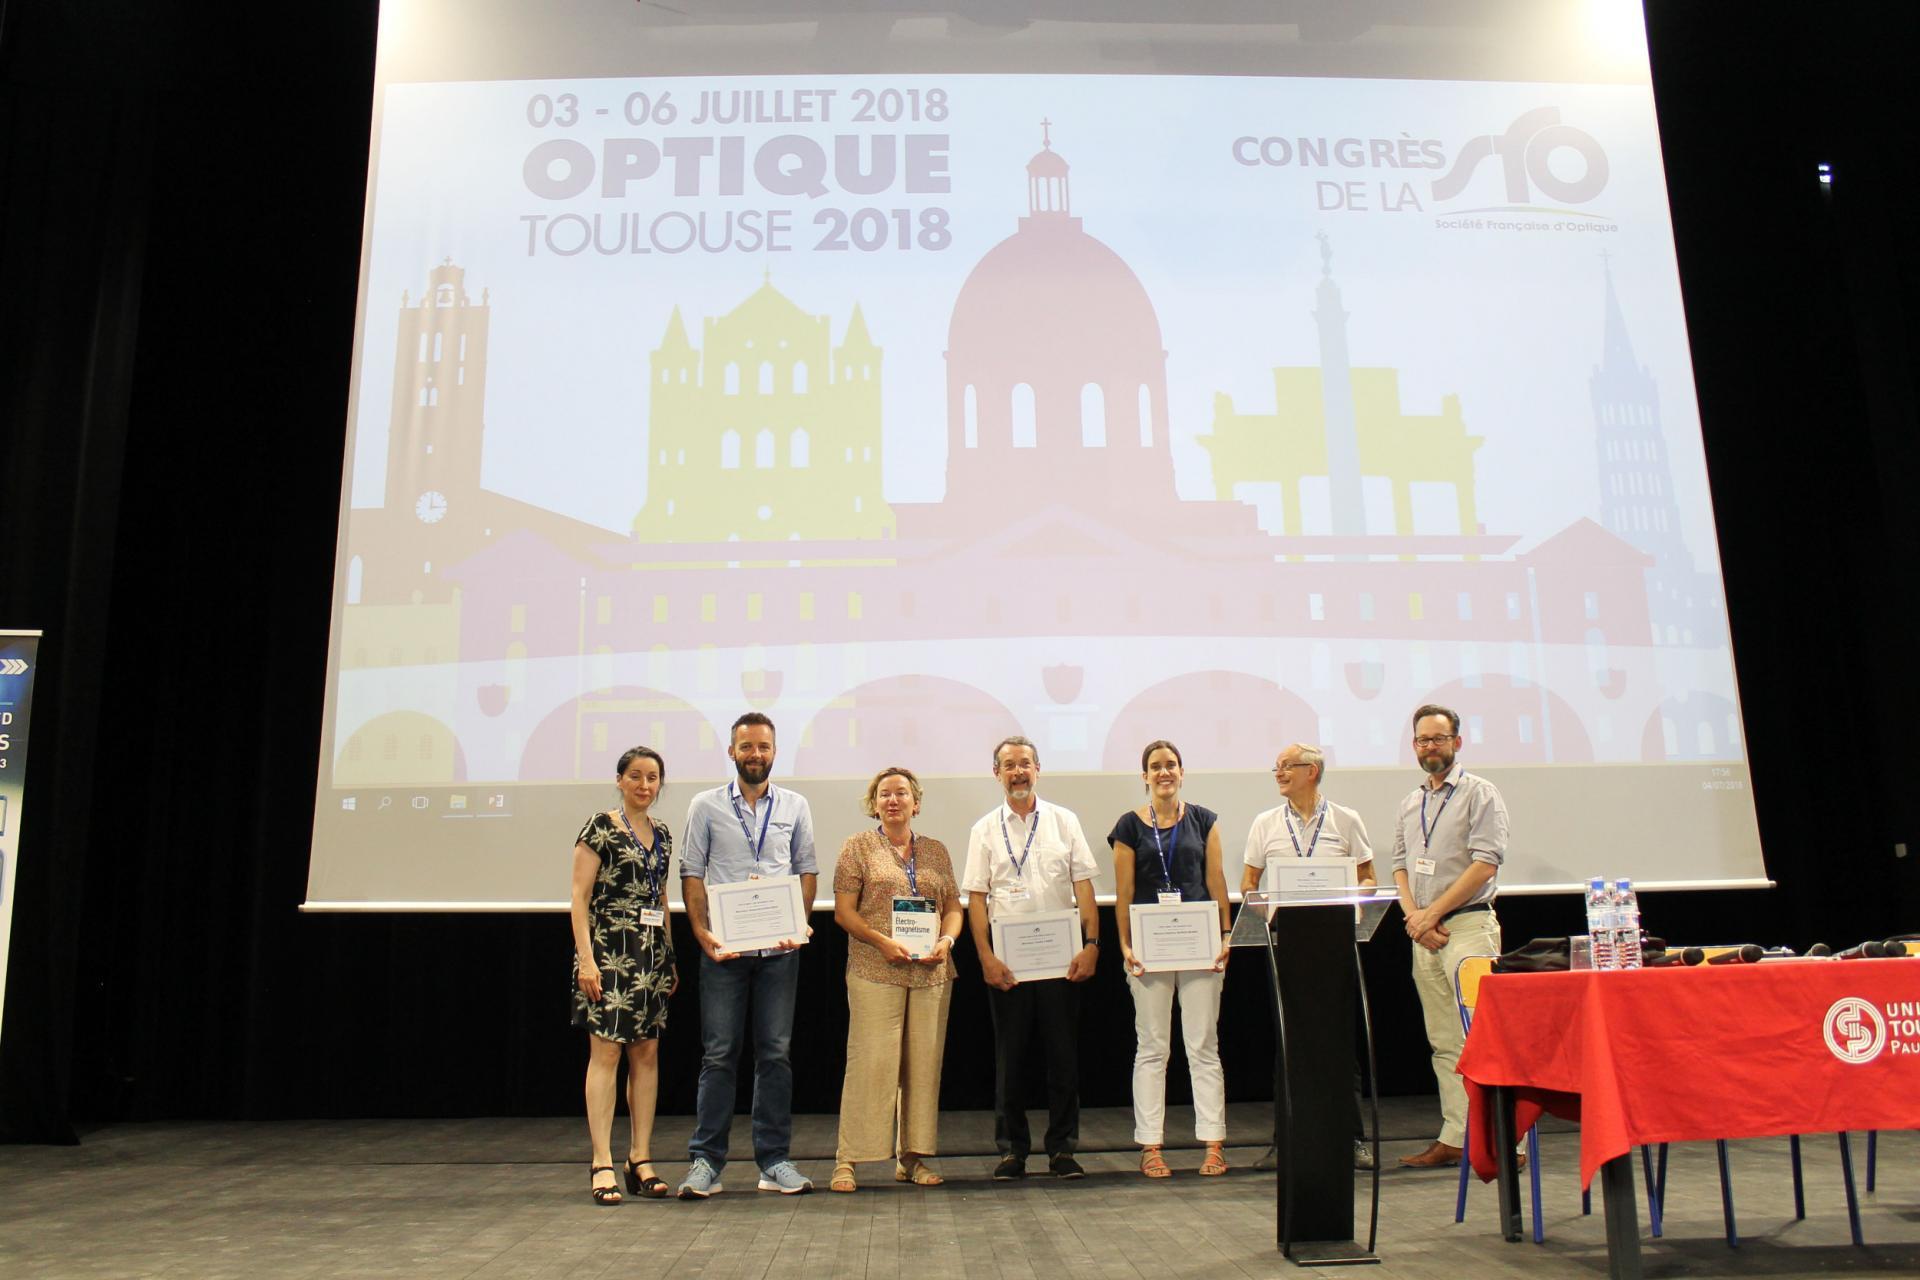 Les Prix SFO remis lors d'OPTIQUE Toulouse 2018